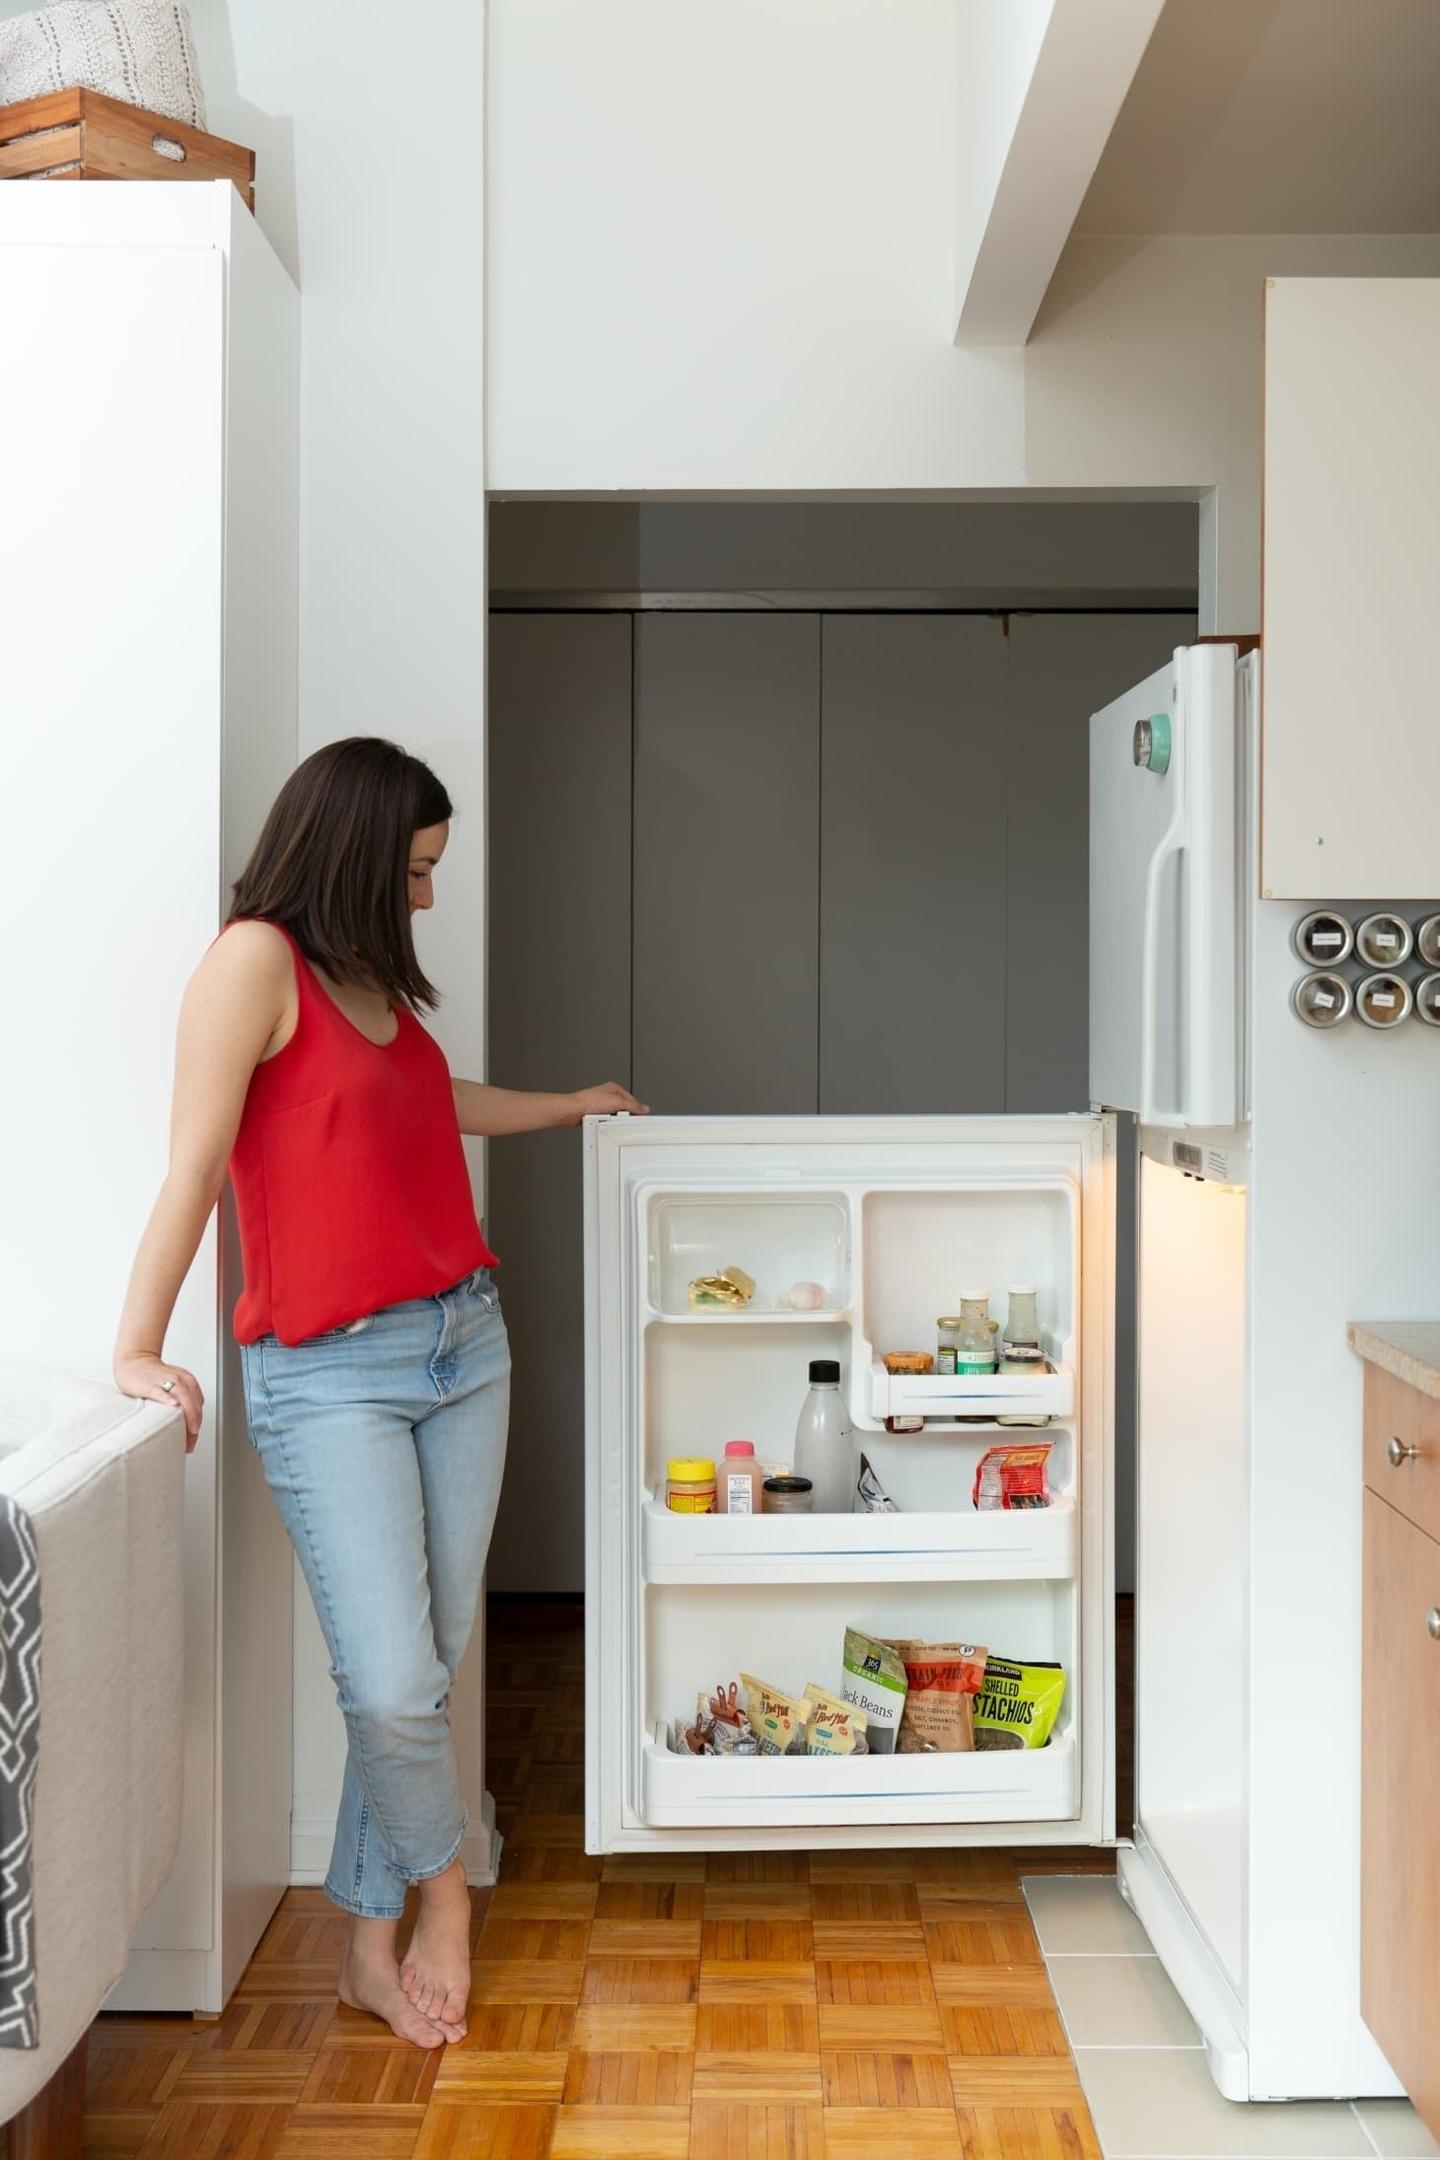 Лайфхак для холодильника, который позволит готовить больше, а тратить меньше